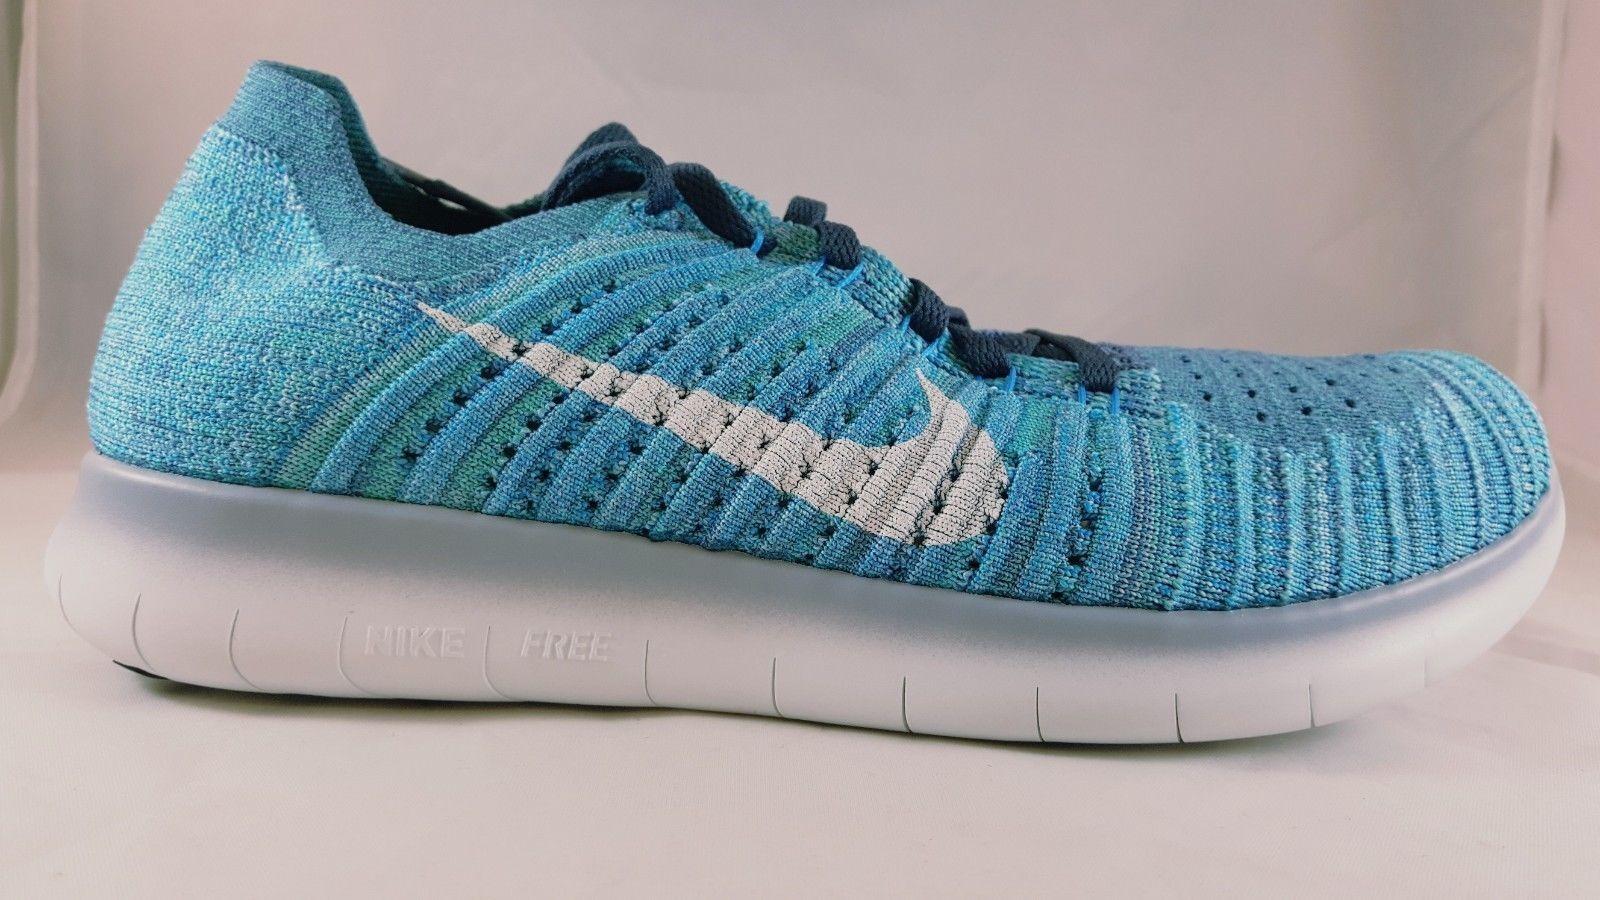 Nike Free RN Flyknit Women's Running Shoe 831070 404 Size 10